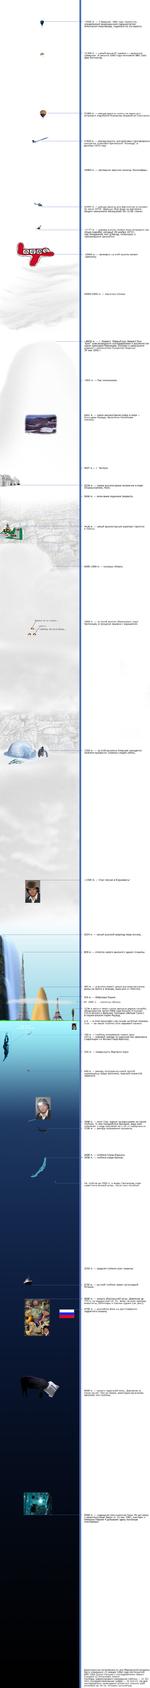 37600 м. — 2 февраля 1966 года стратостат, управляемый американским парашютистом Николасом Пиантанида, поднялся на эту высоту. 31300 м. — самый высокий прыжок с парашютом совершил 16 августа 1960 года полковник ВВС США Джо Киттингер. 21000 м. — рекорд высоты полета на аэростате установил индийски